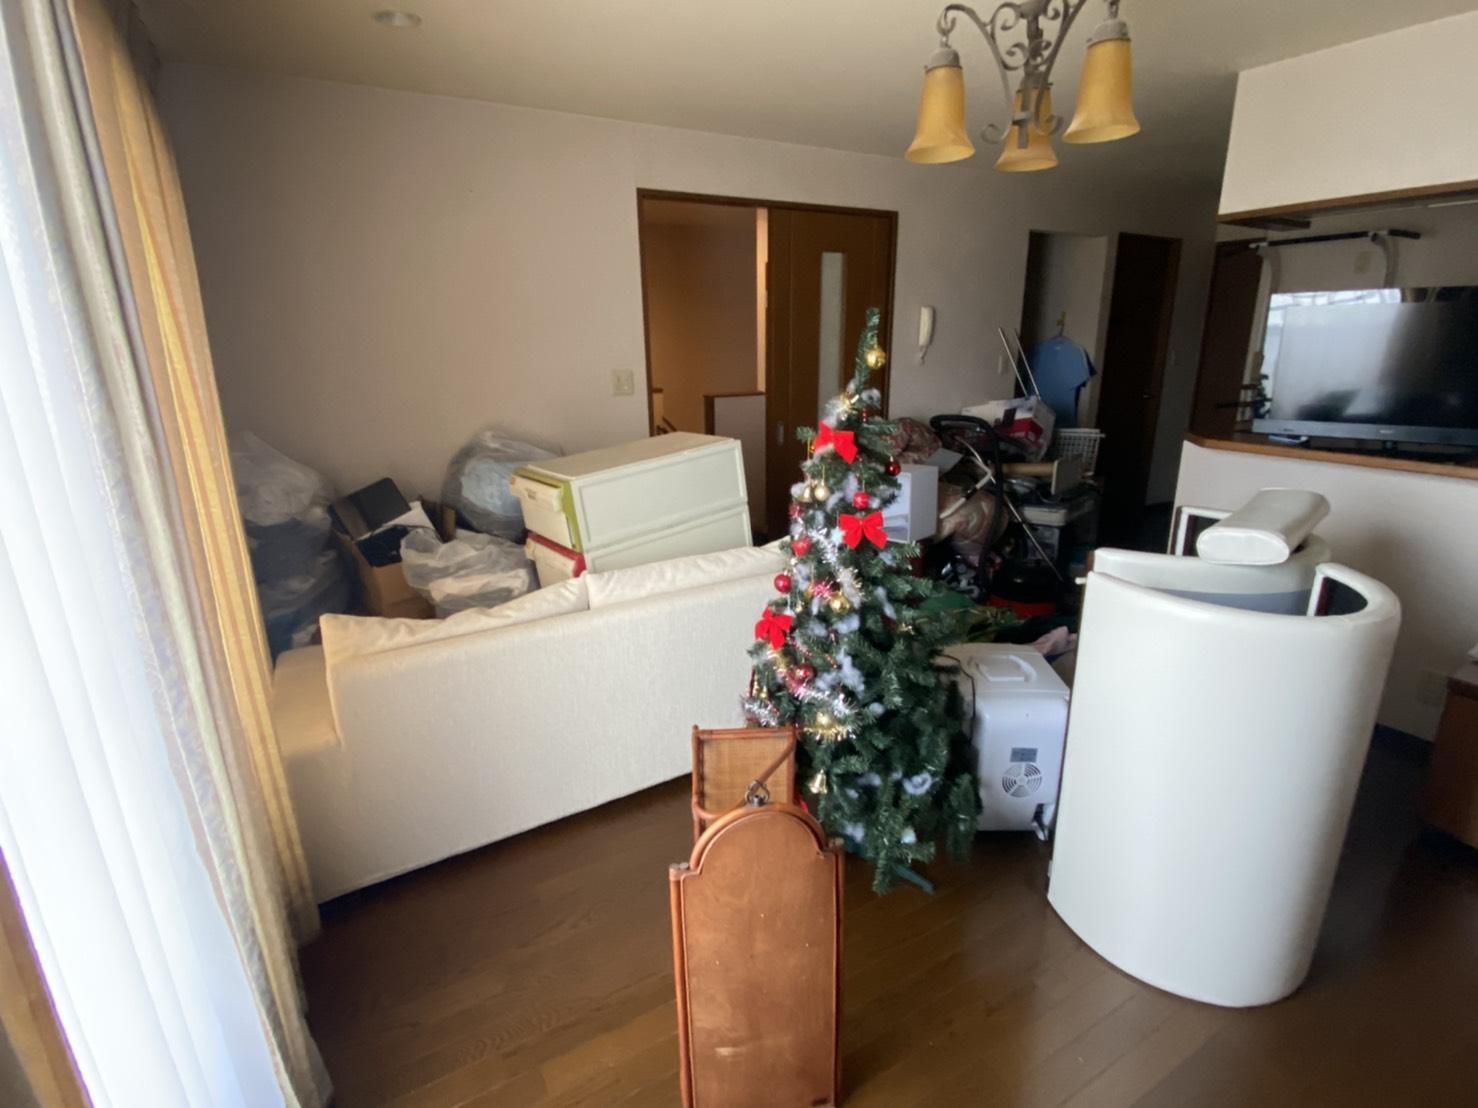 クリスマスツリー、収納、その他不用品の回収前